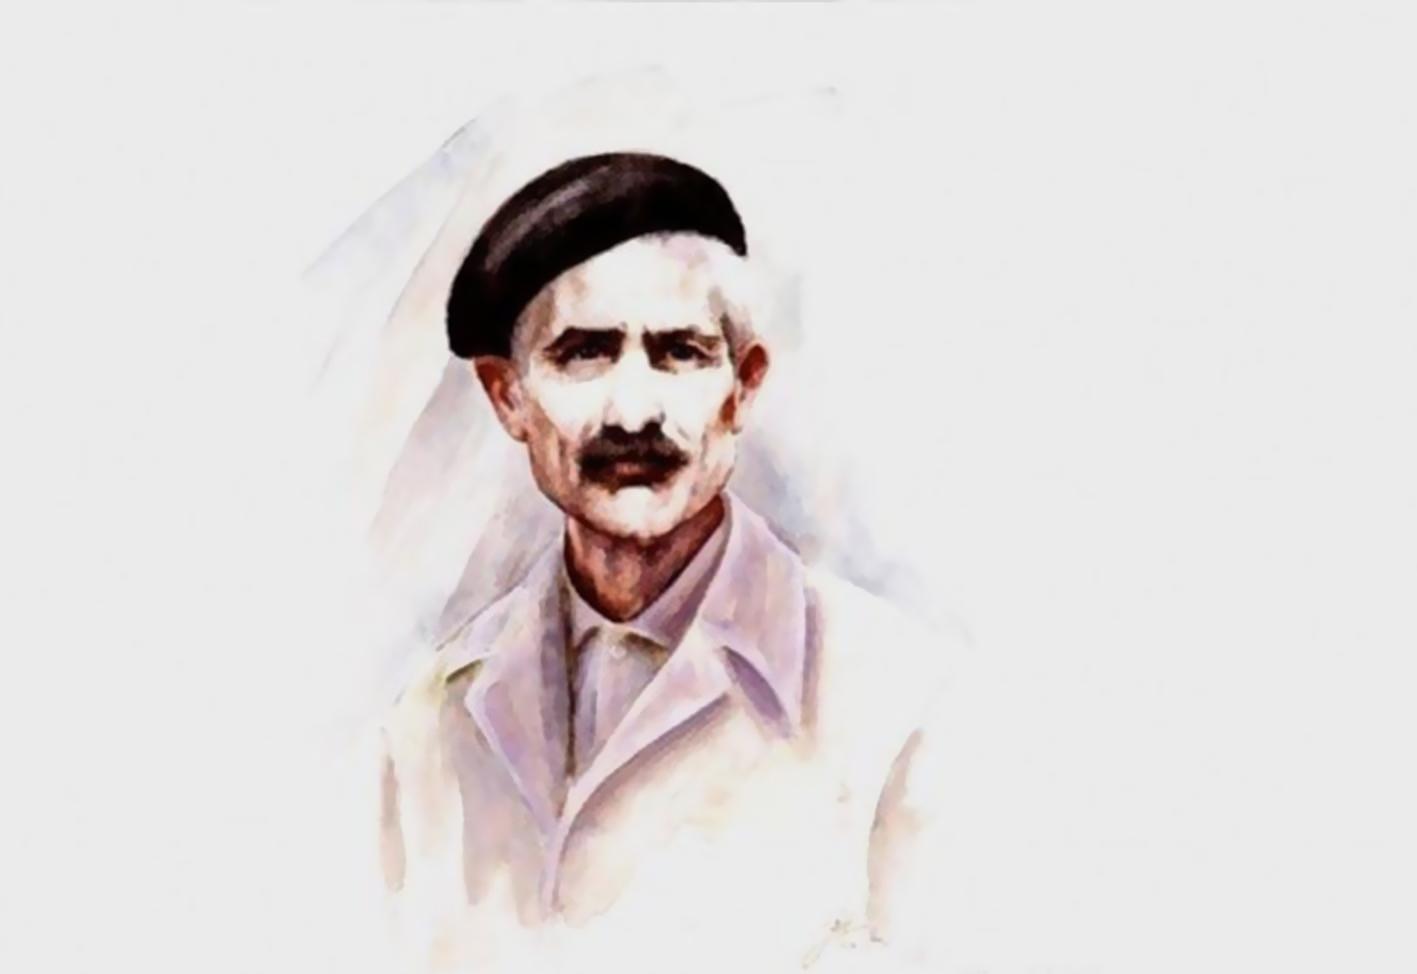 روایتی تازه از مرگ جلال آل احمد